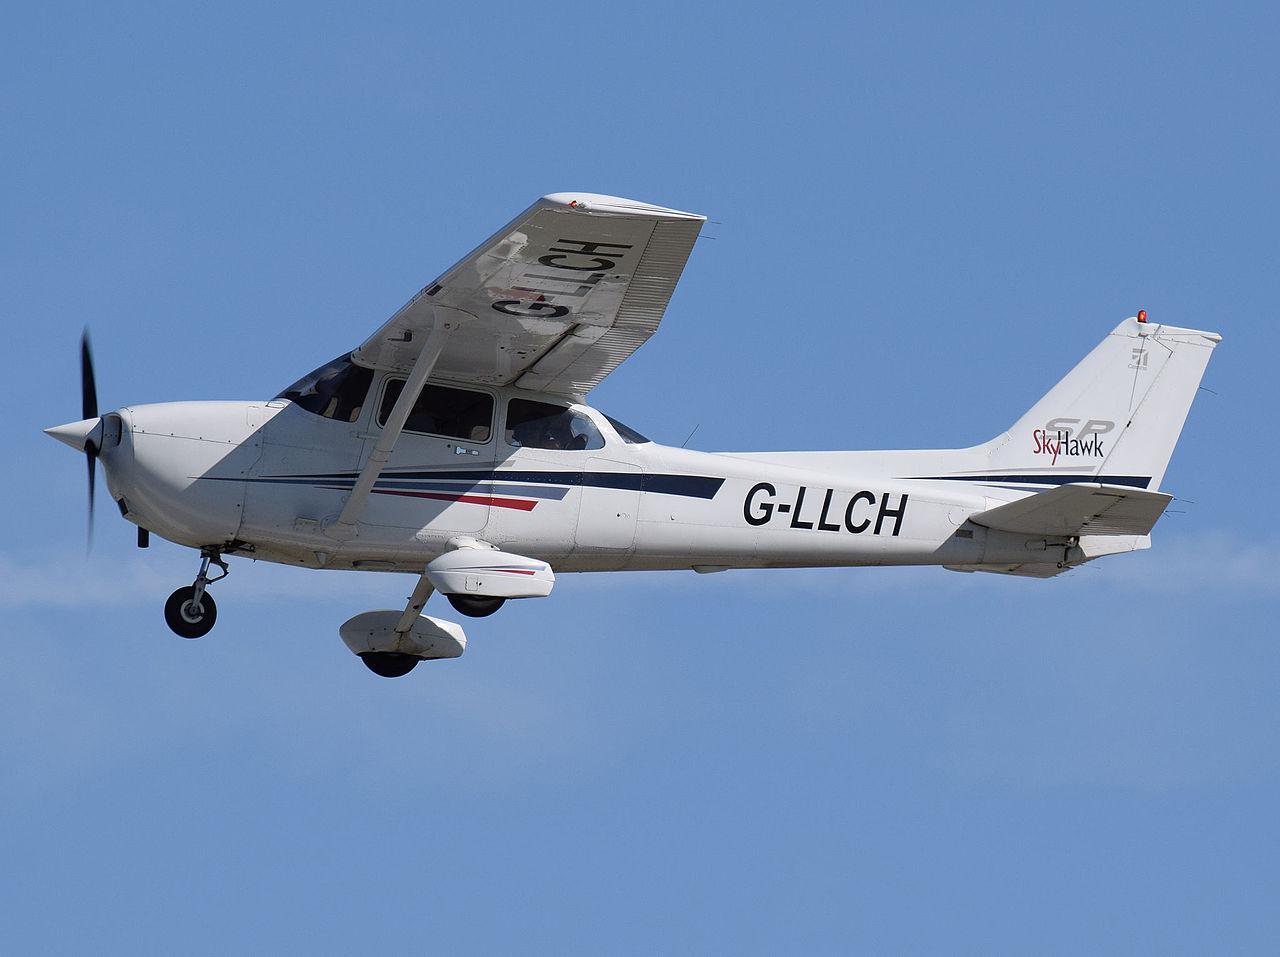 Avion de mici dimensiuni prabusit in judetul Iasi. O persoana a decedat